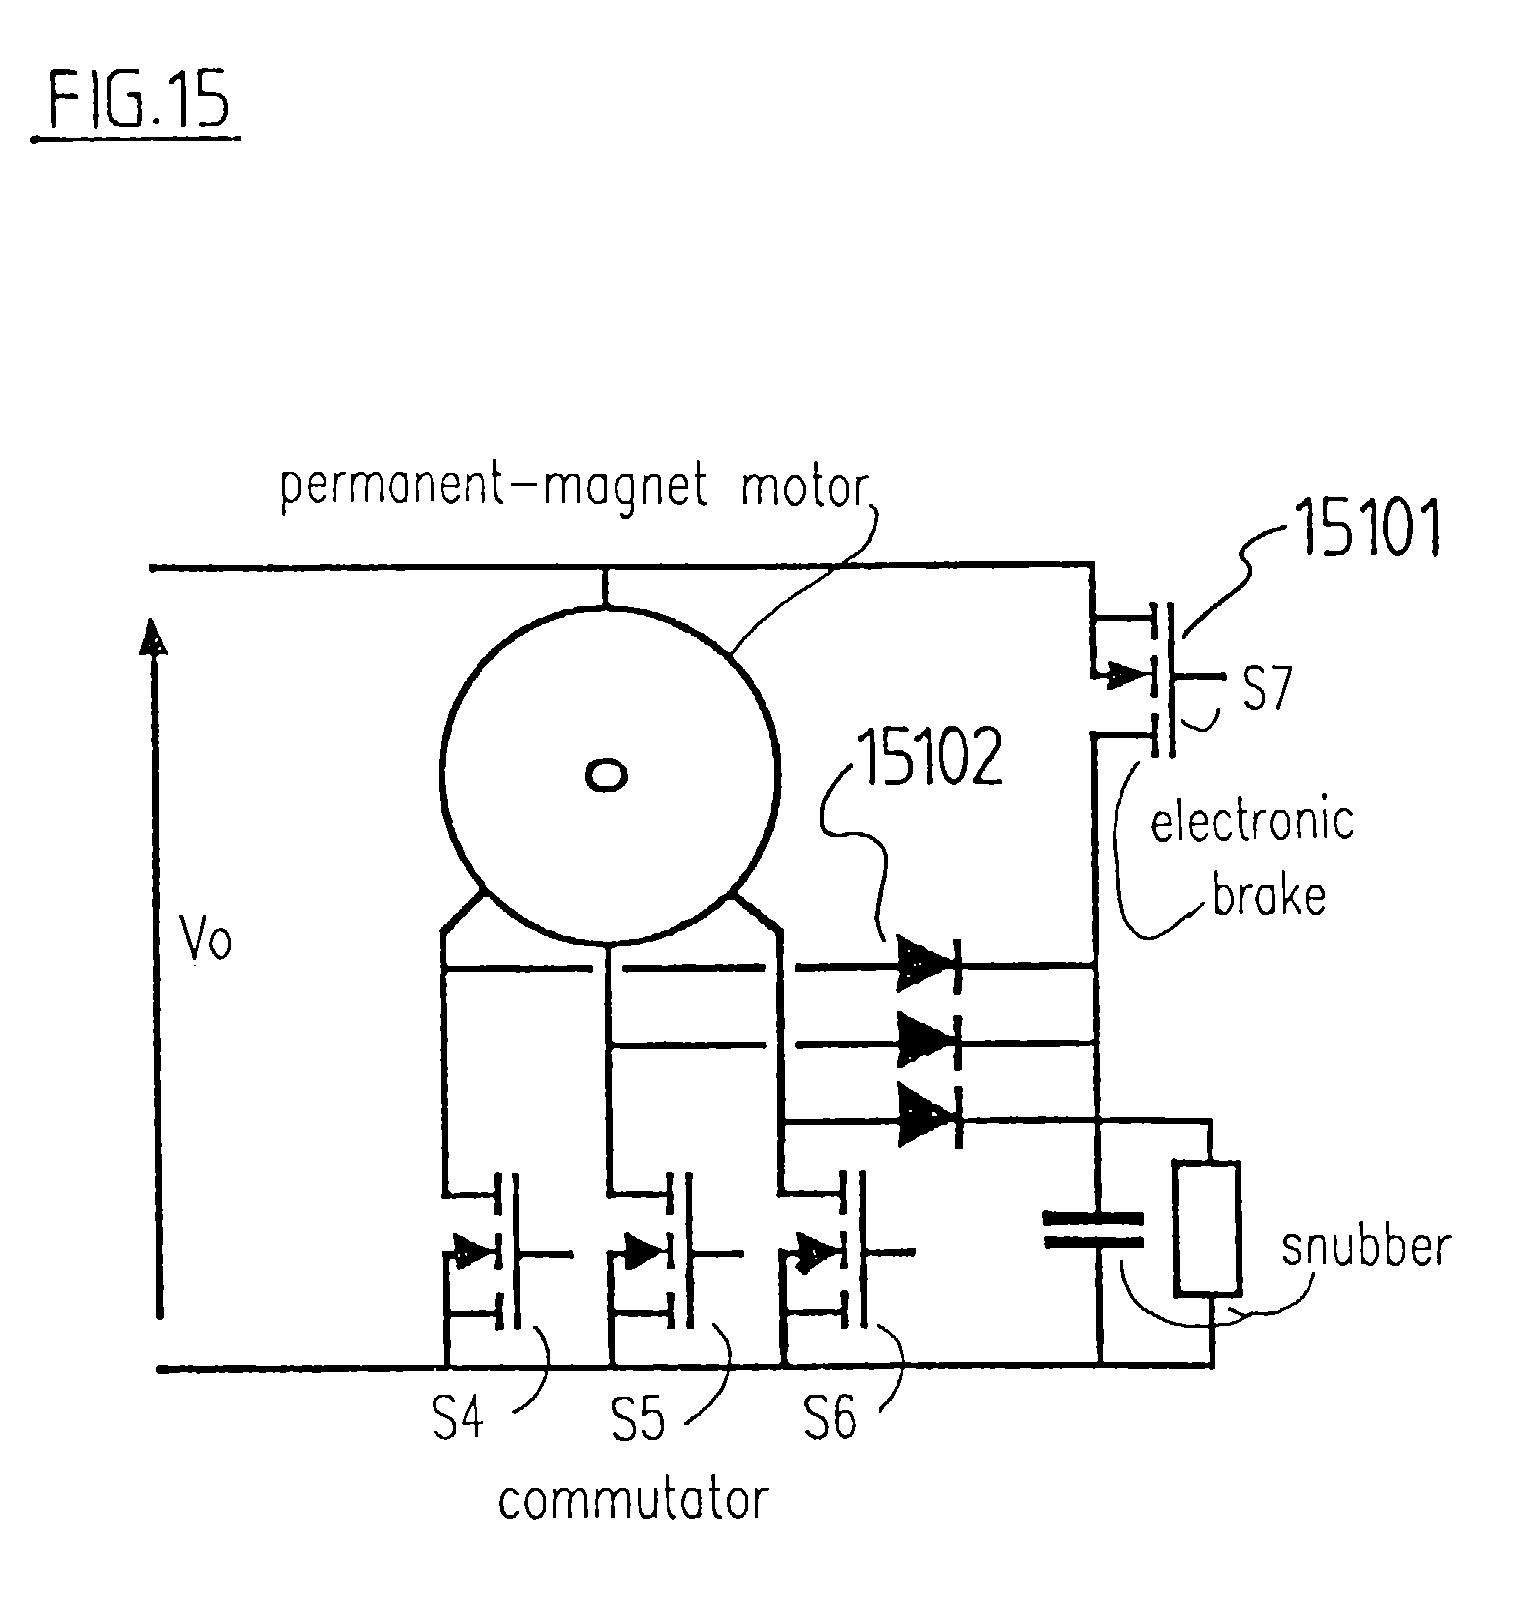 hight resolution of sew eurodrive motor wiring diagram 34 wiring diagram electric motor brake wiring diagram brake motor wiring diagram with vfd